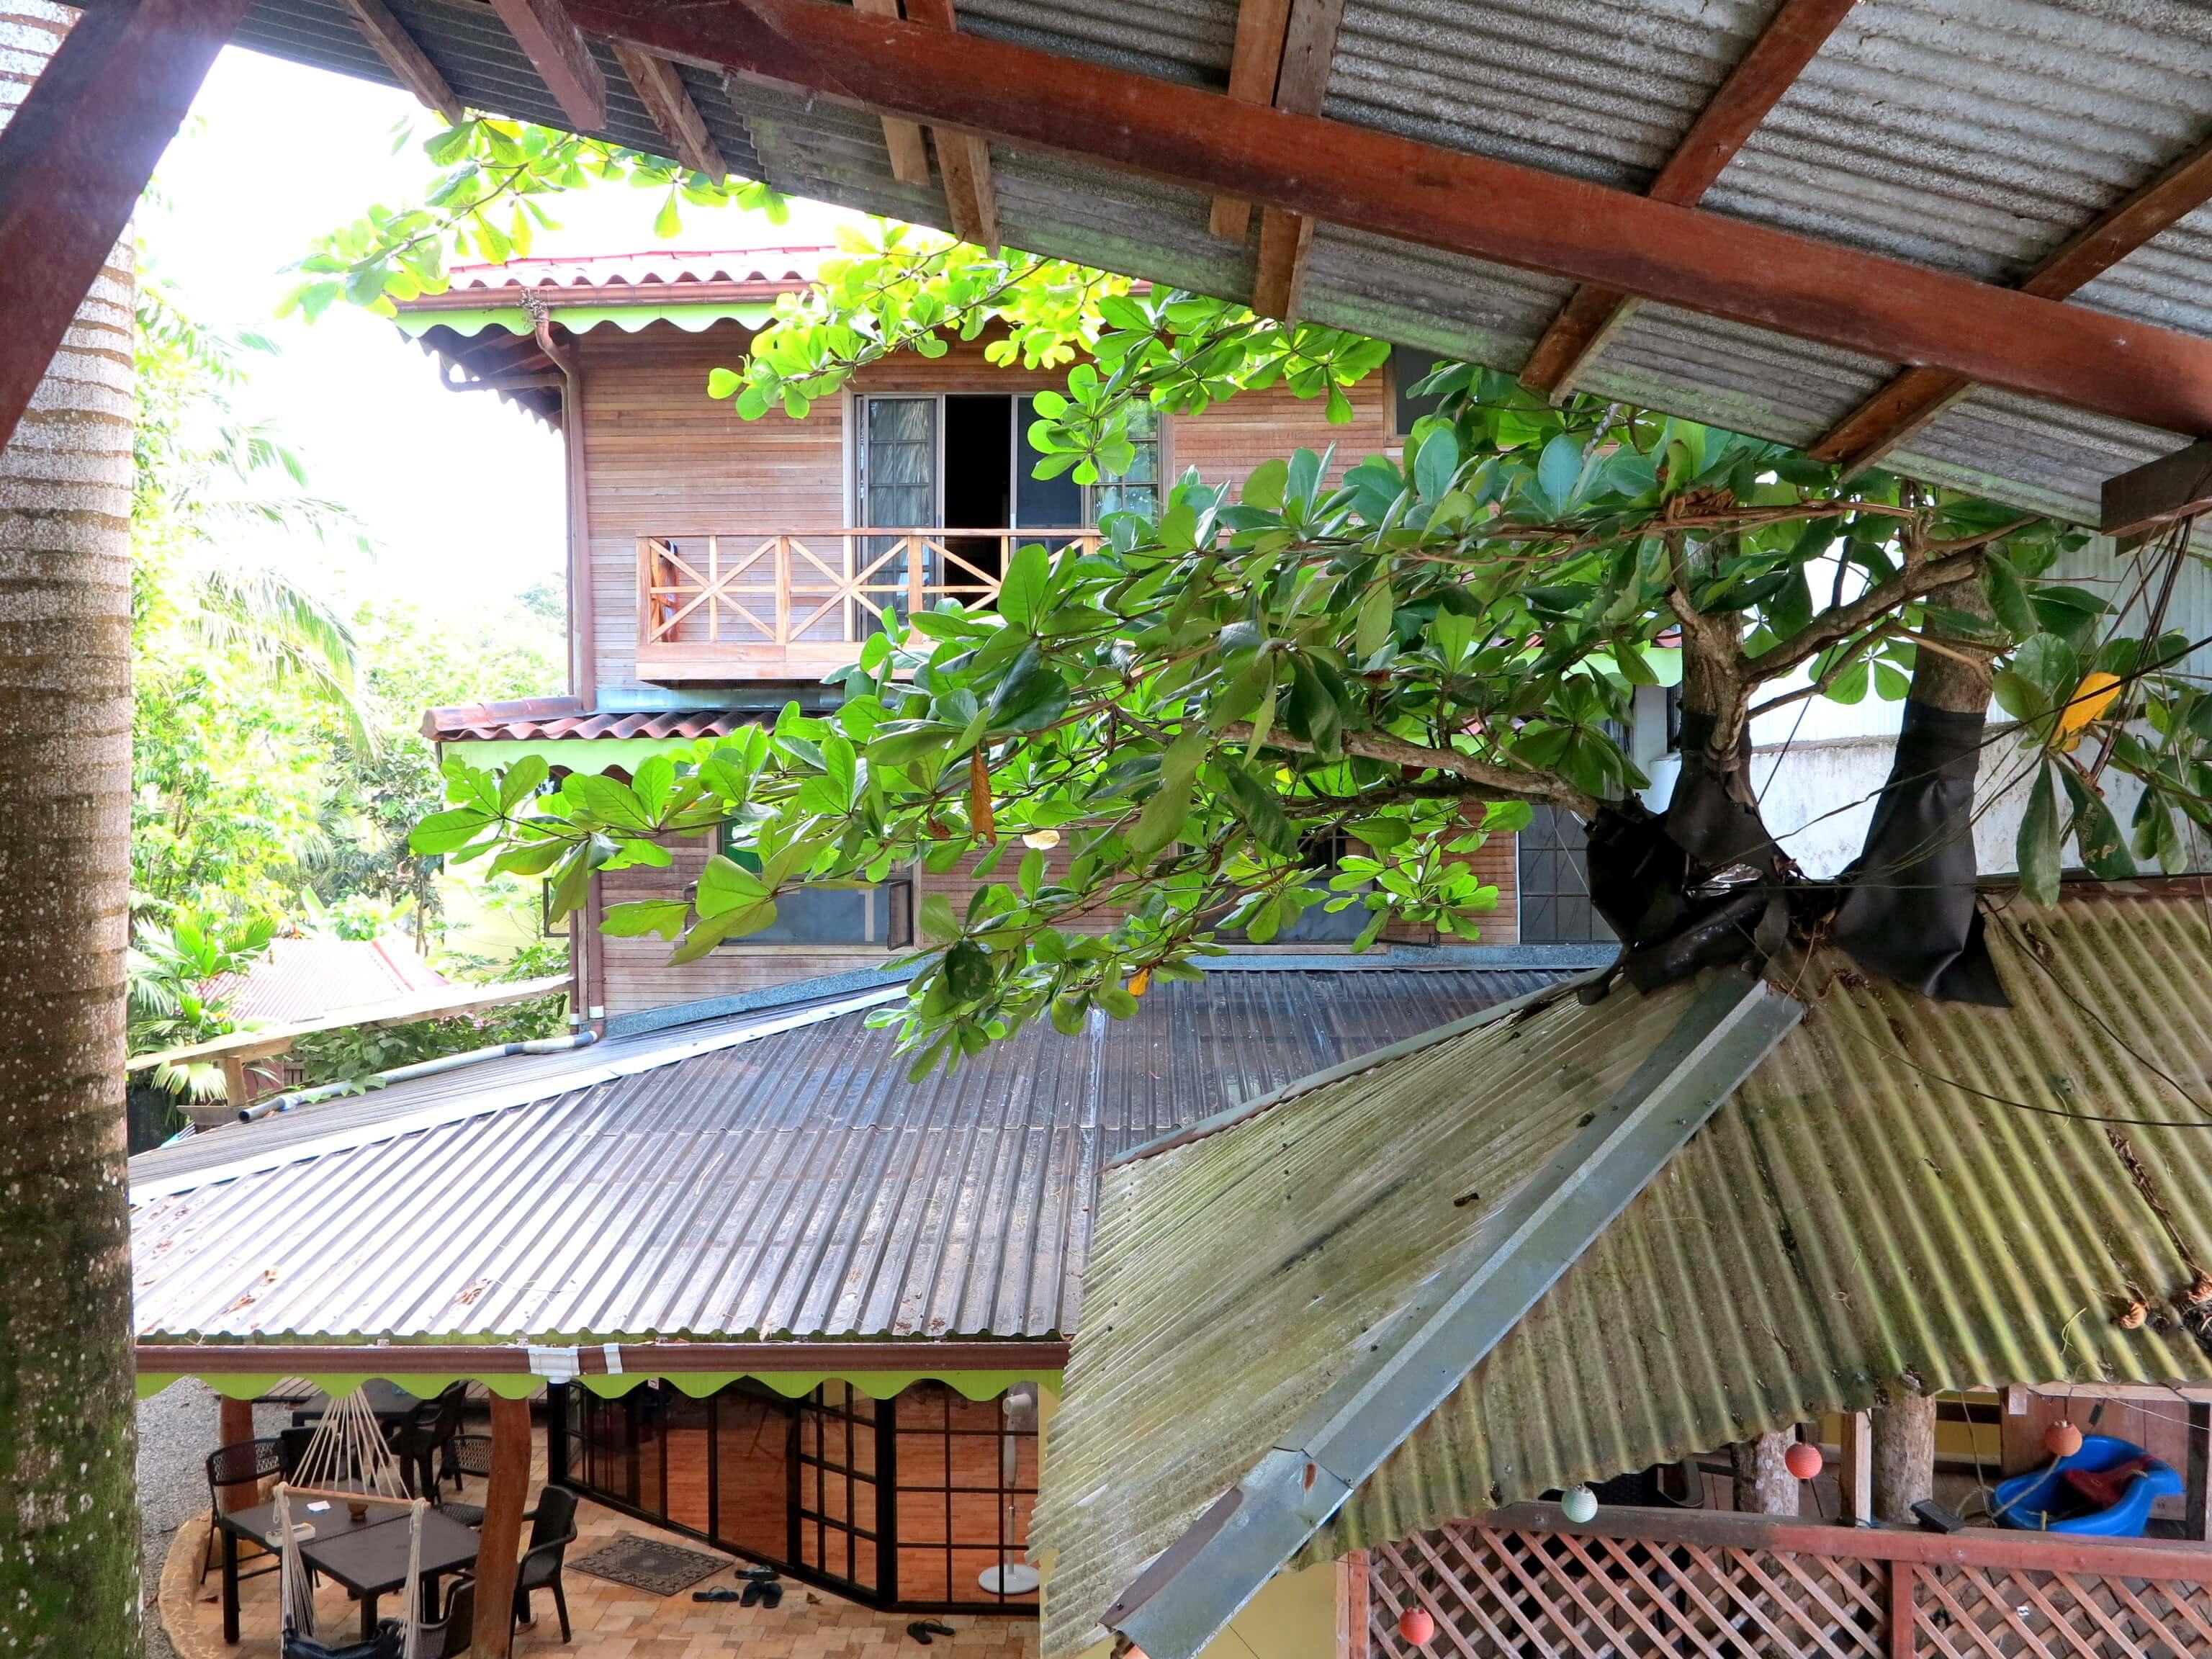 Tolle Möglichkeiten zum Entspannen im Hostel Sec & Secure in Puerto Viejo